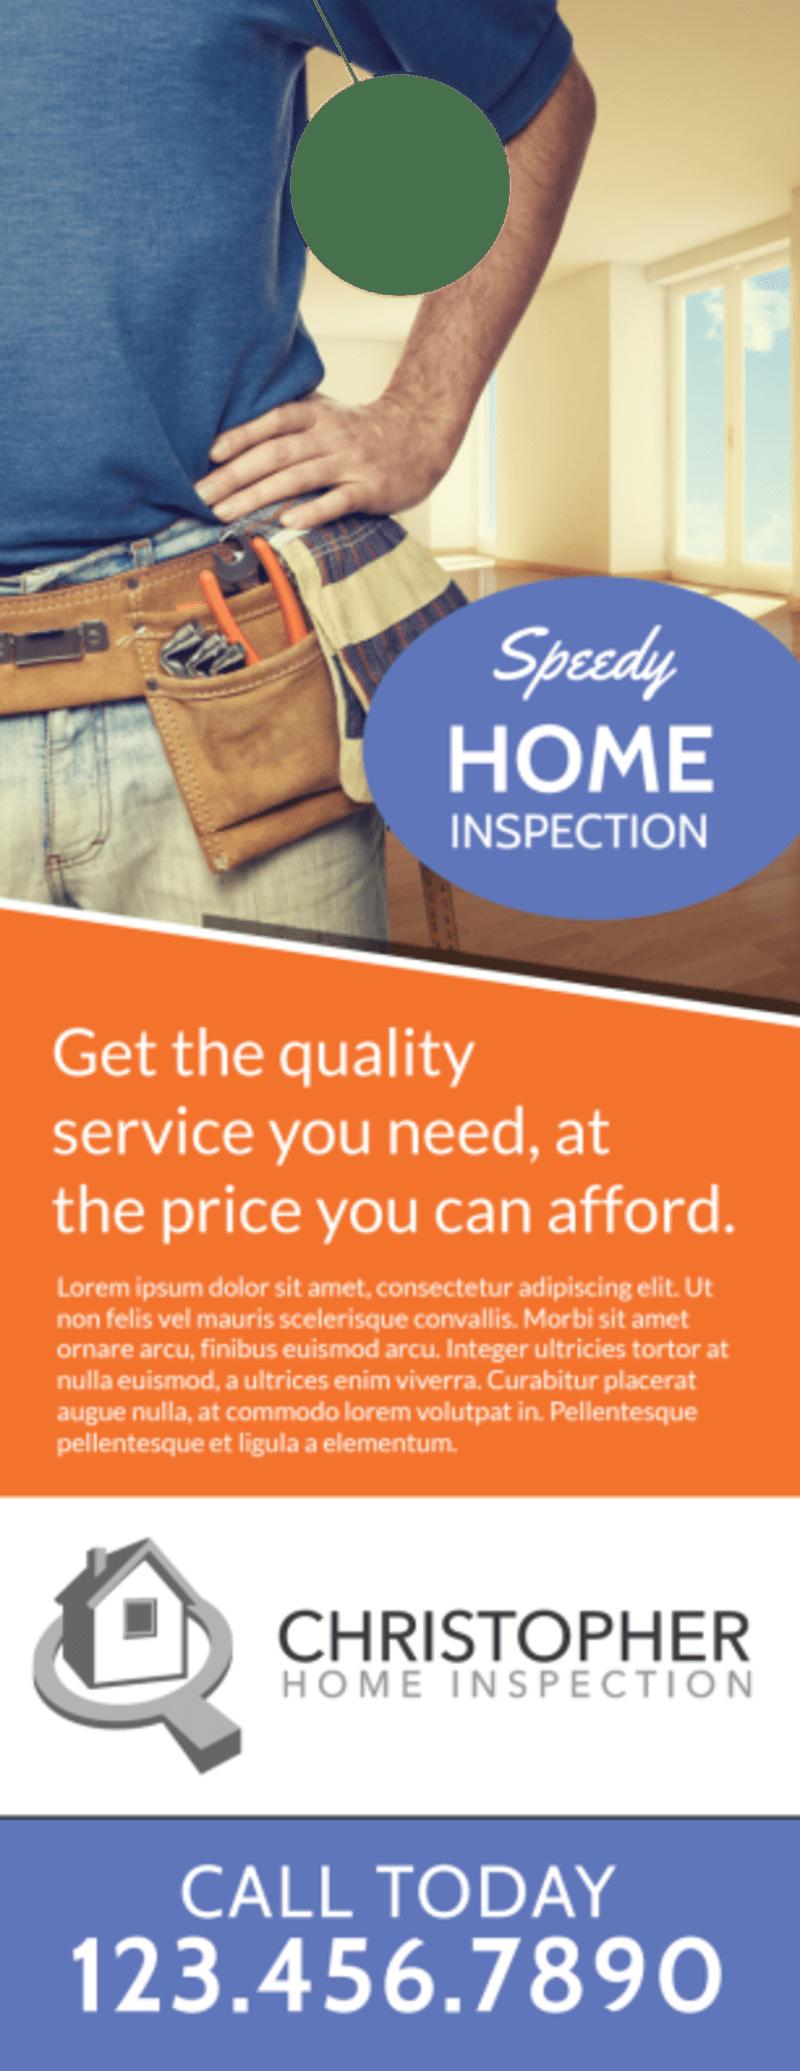 Speedy Home Inspection Door Hanger Template Preview 2